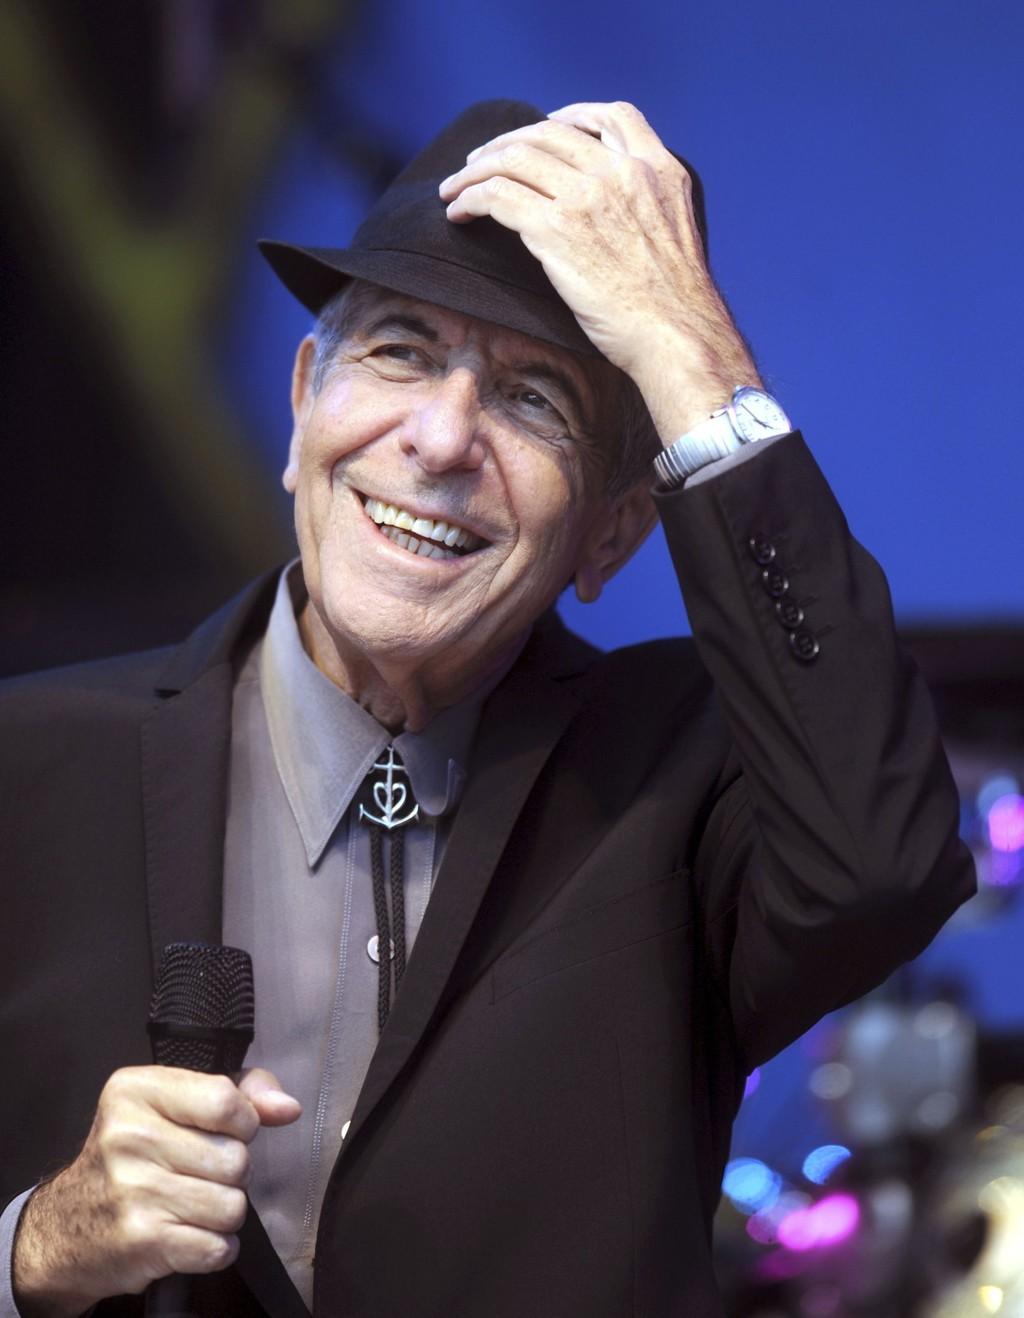 Storbritannias rikeste mann, Warner Music-eier Len Blavatnik, viser seg å være stor fan av Leonard Cohen (bildet), som imidlertid utgis på et konkurrerende plateselskap.